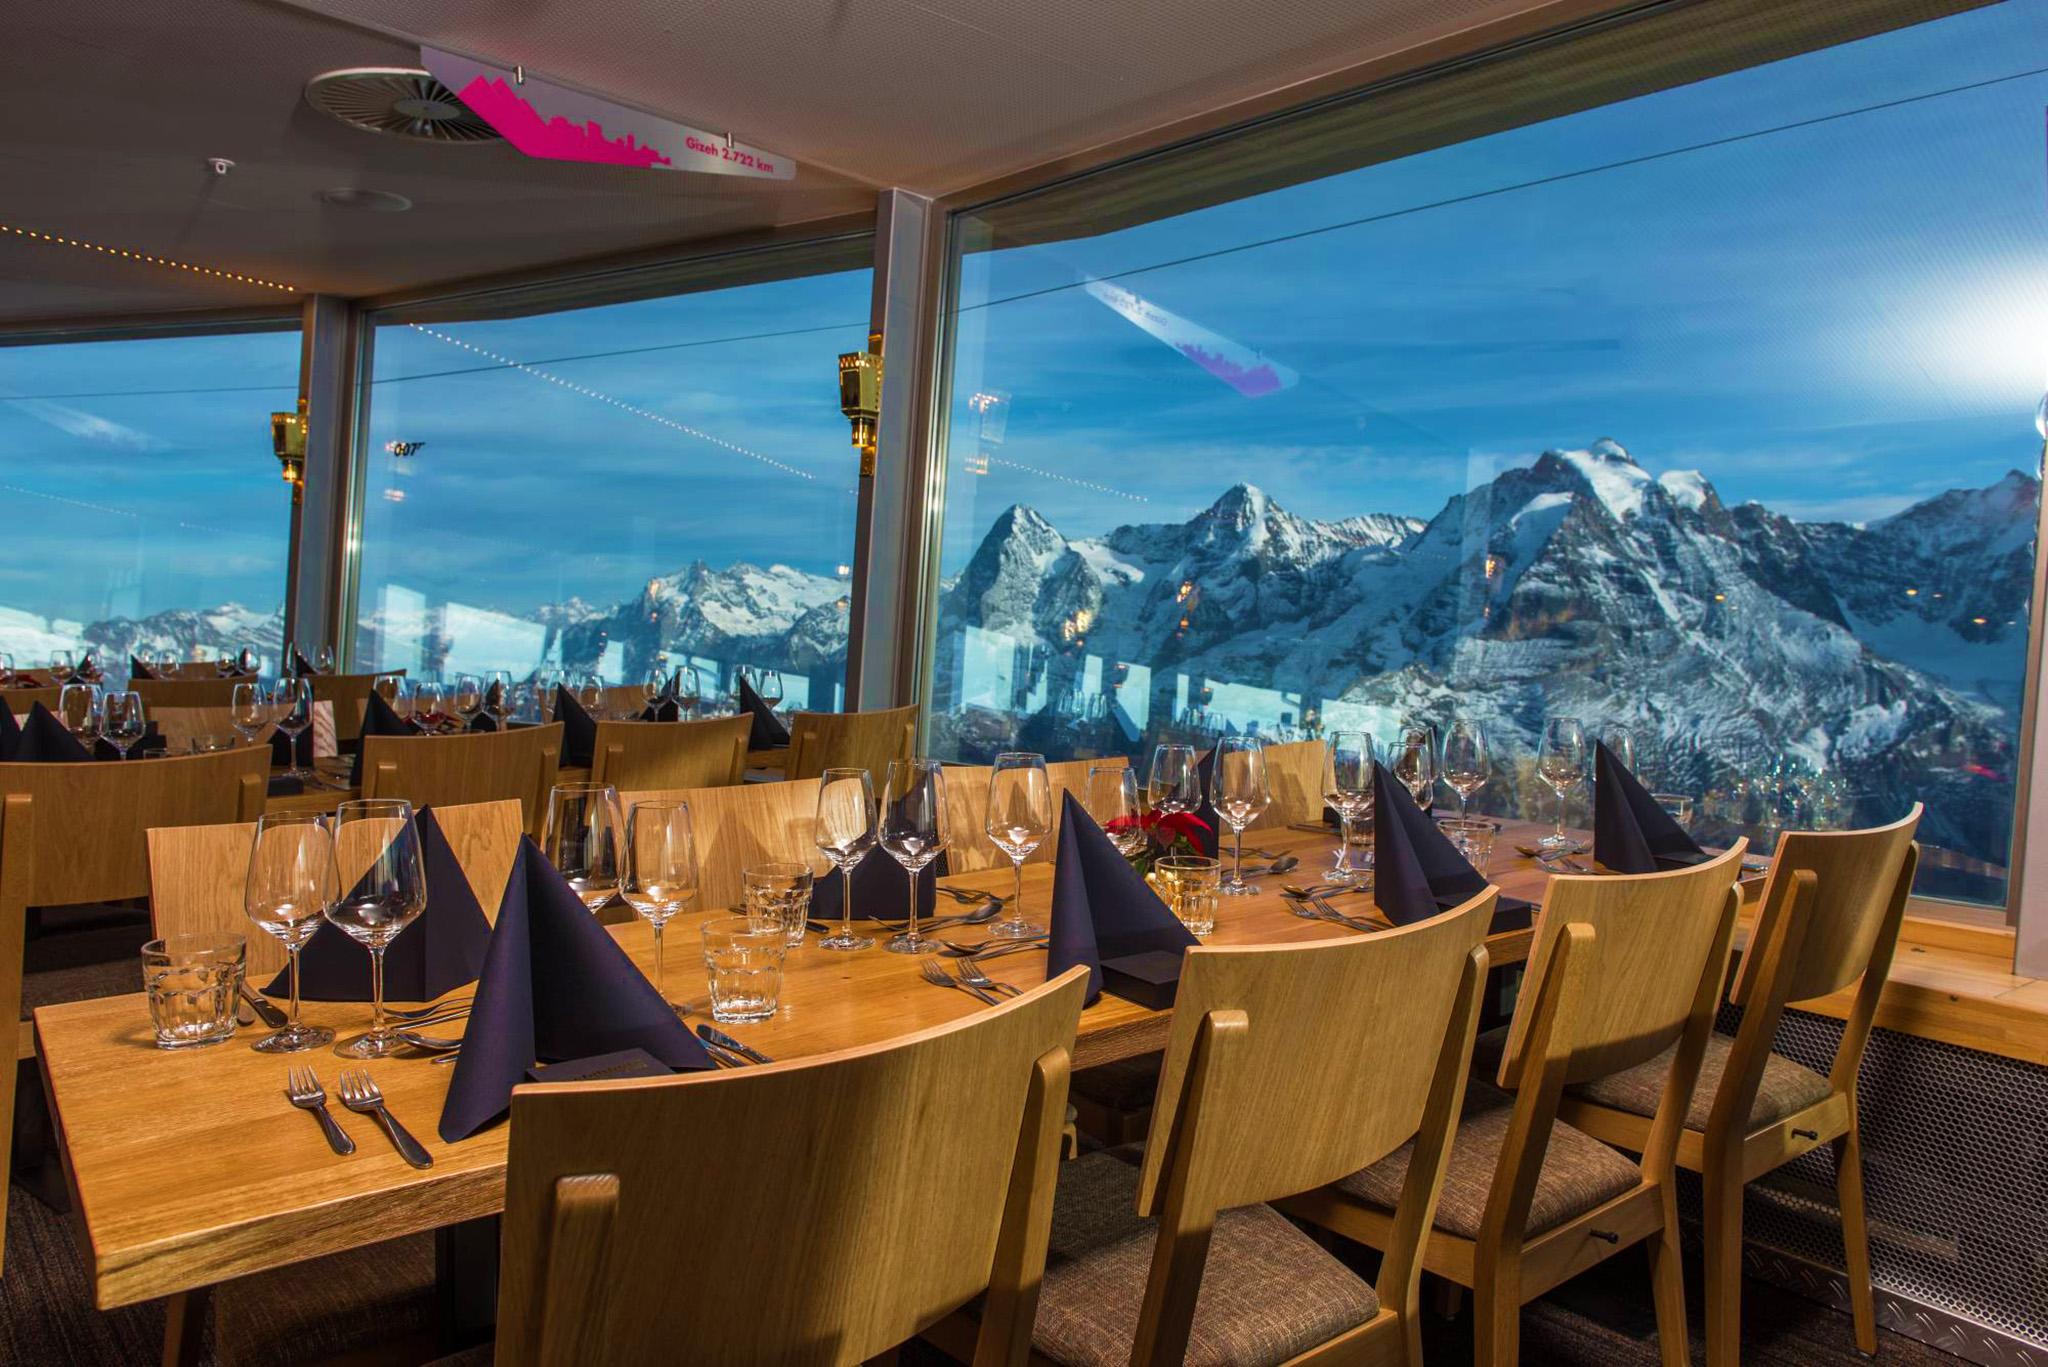 kt_2020_360_Keytours_excursions_Swisstours_interlaken_schilthorn4_2048_10